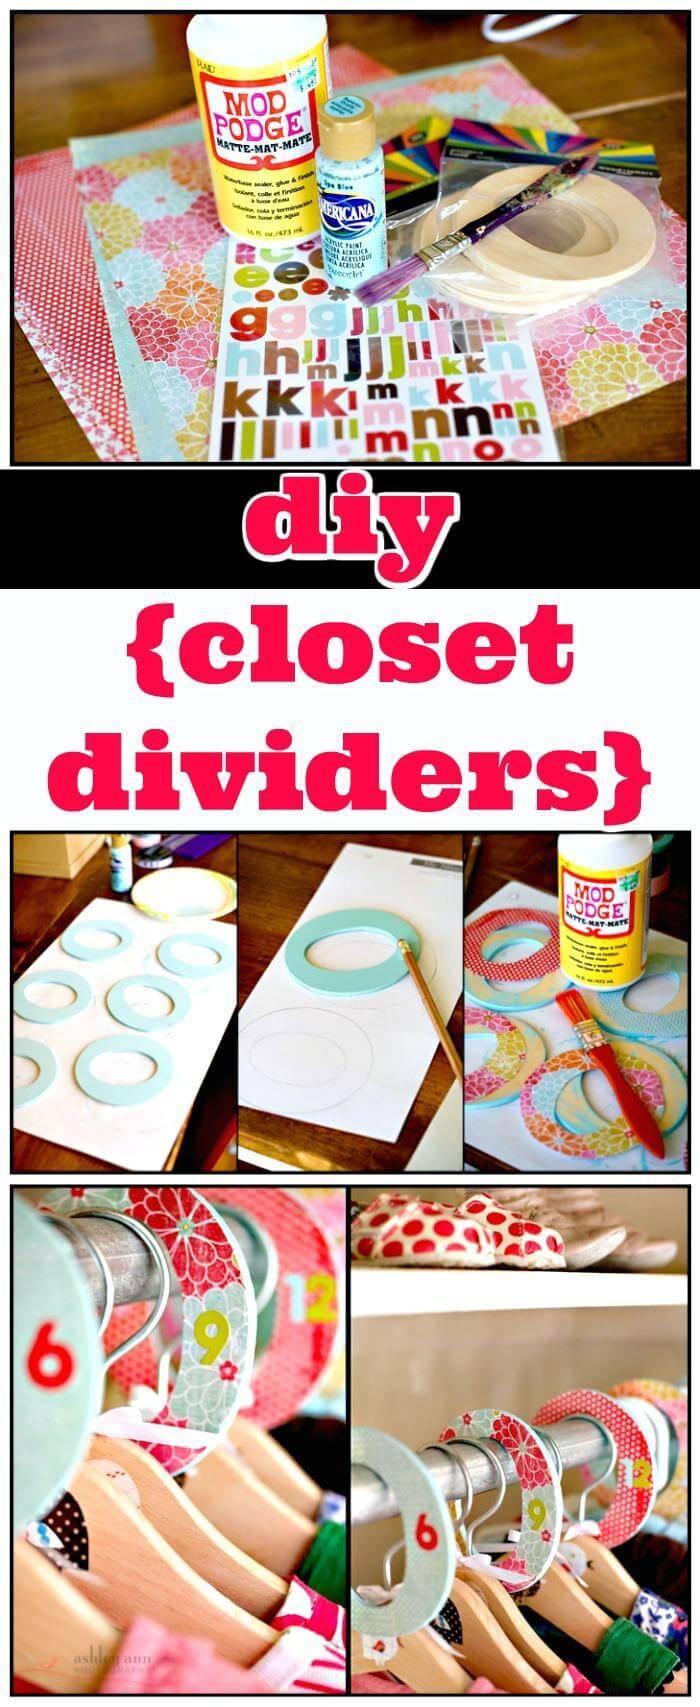 DIY closet divider tutorial